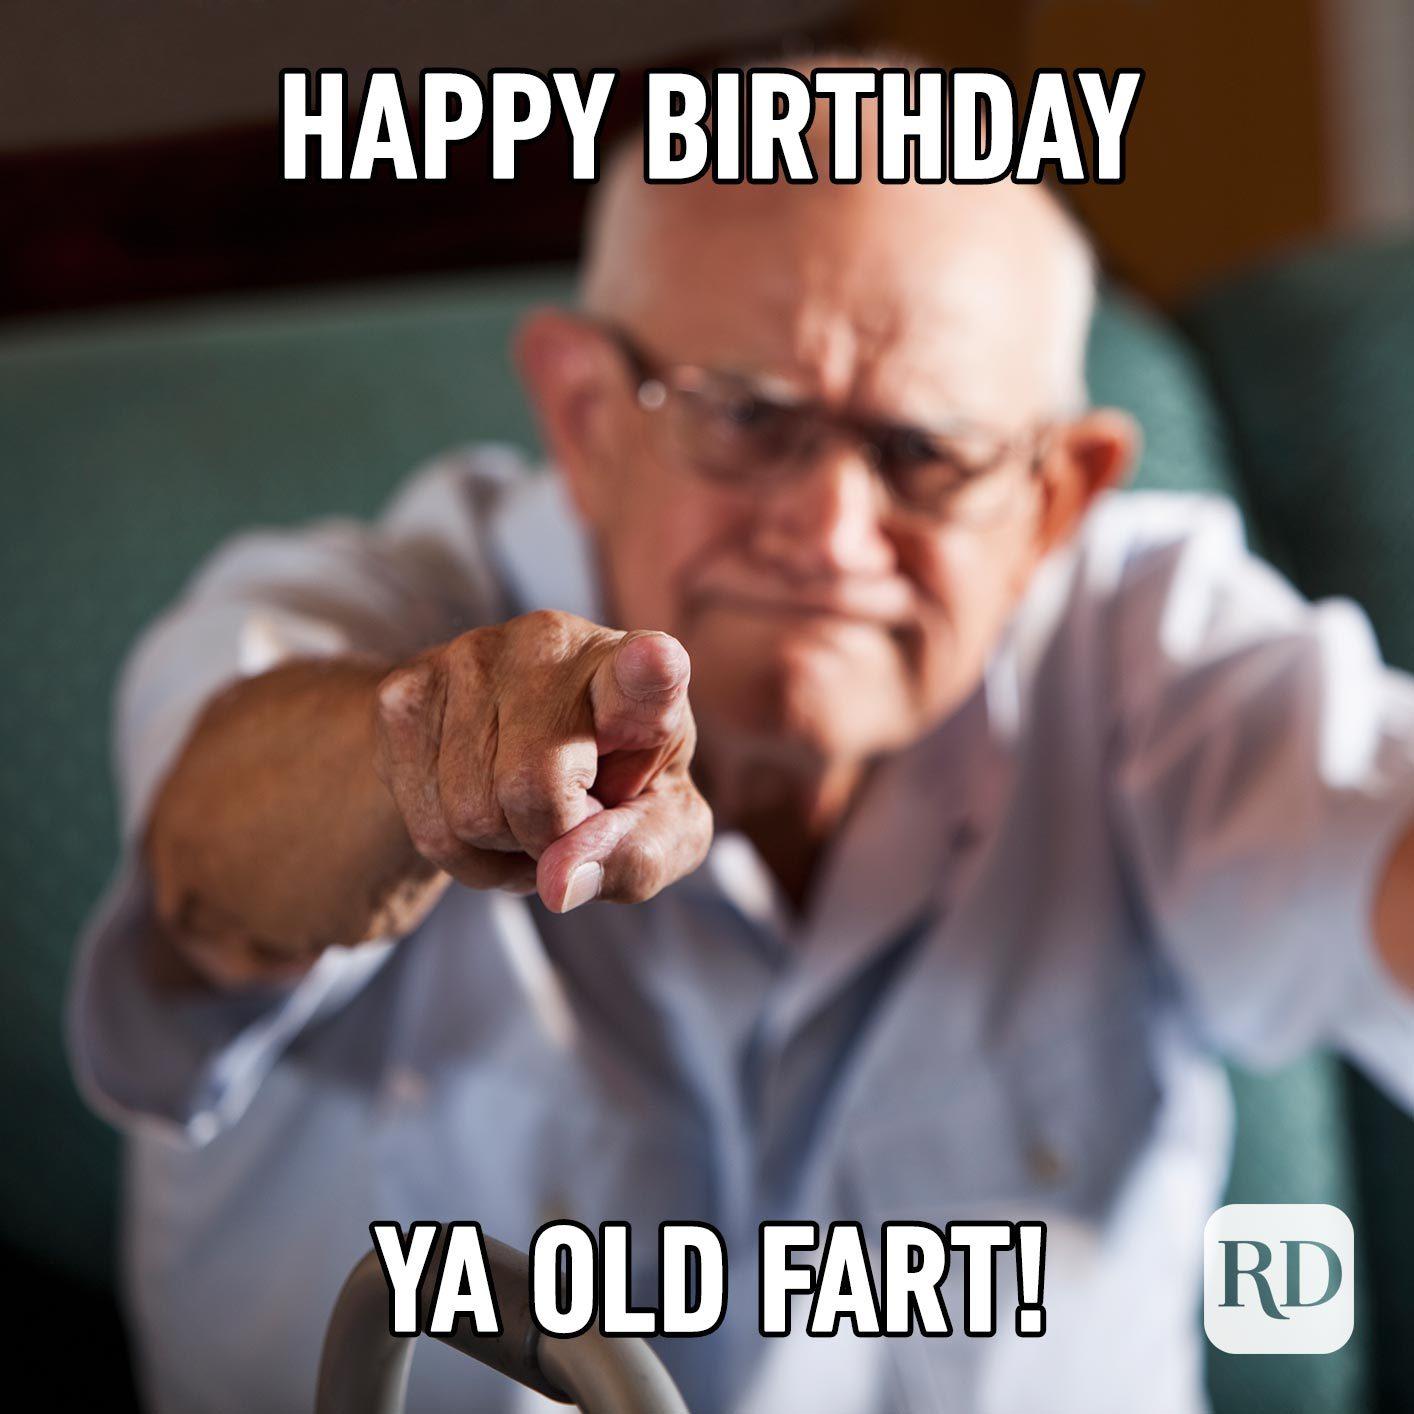 Happy Birthday ya old fart!